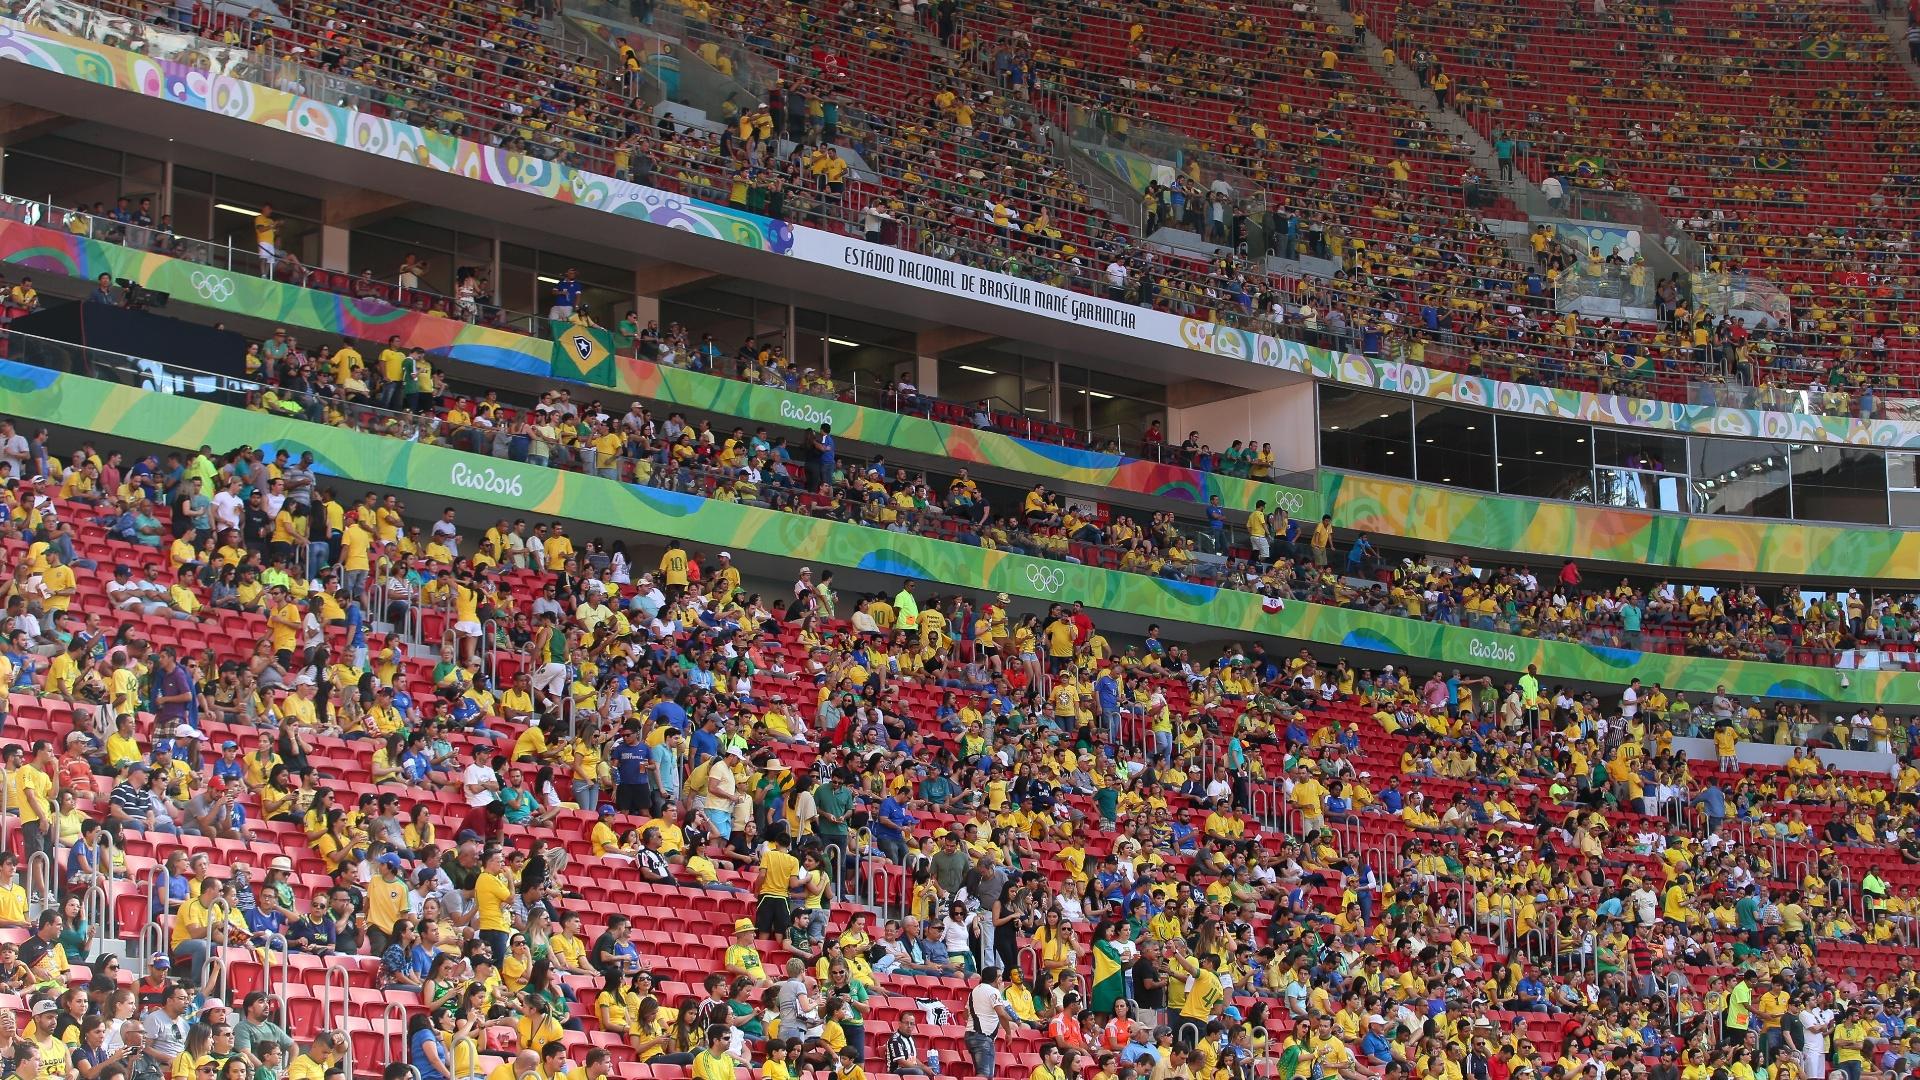 Torcedores enchem o estádio Mané Garrincha